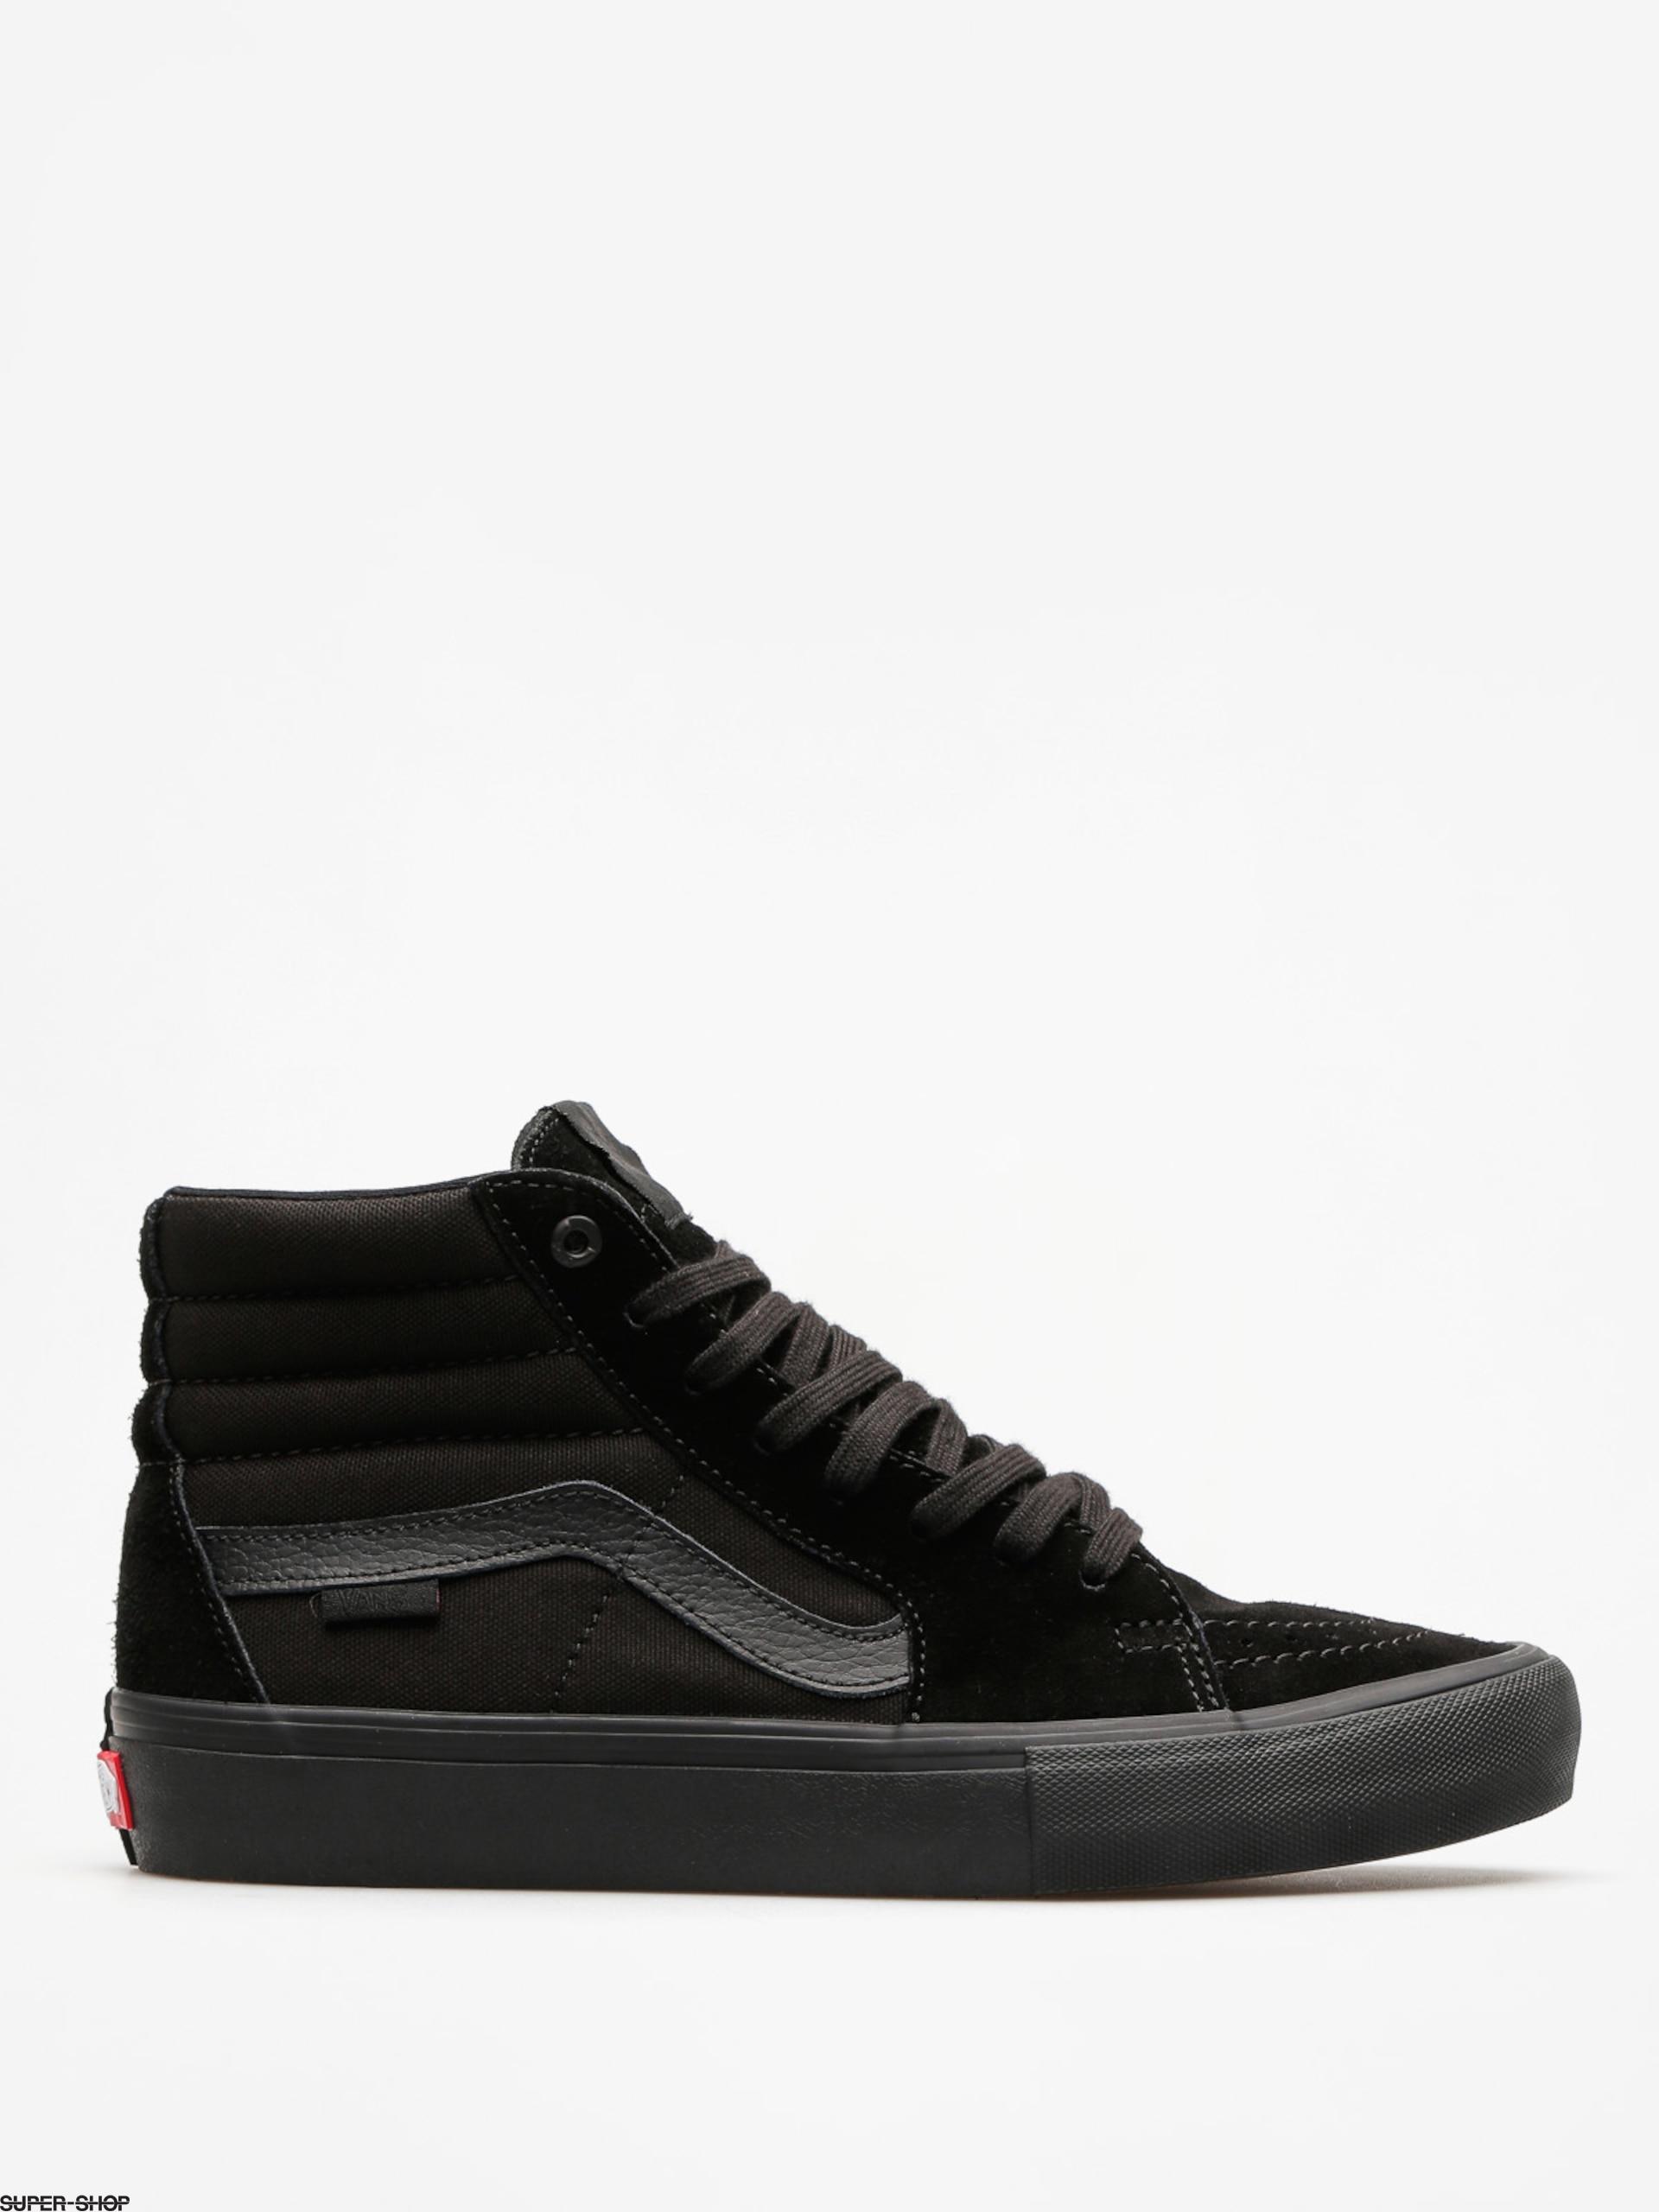 c1f3d4228e4415 911234-w1920-vans-shoes-sk8-hi-pro-blackout.jpg